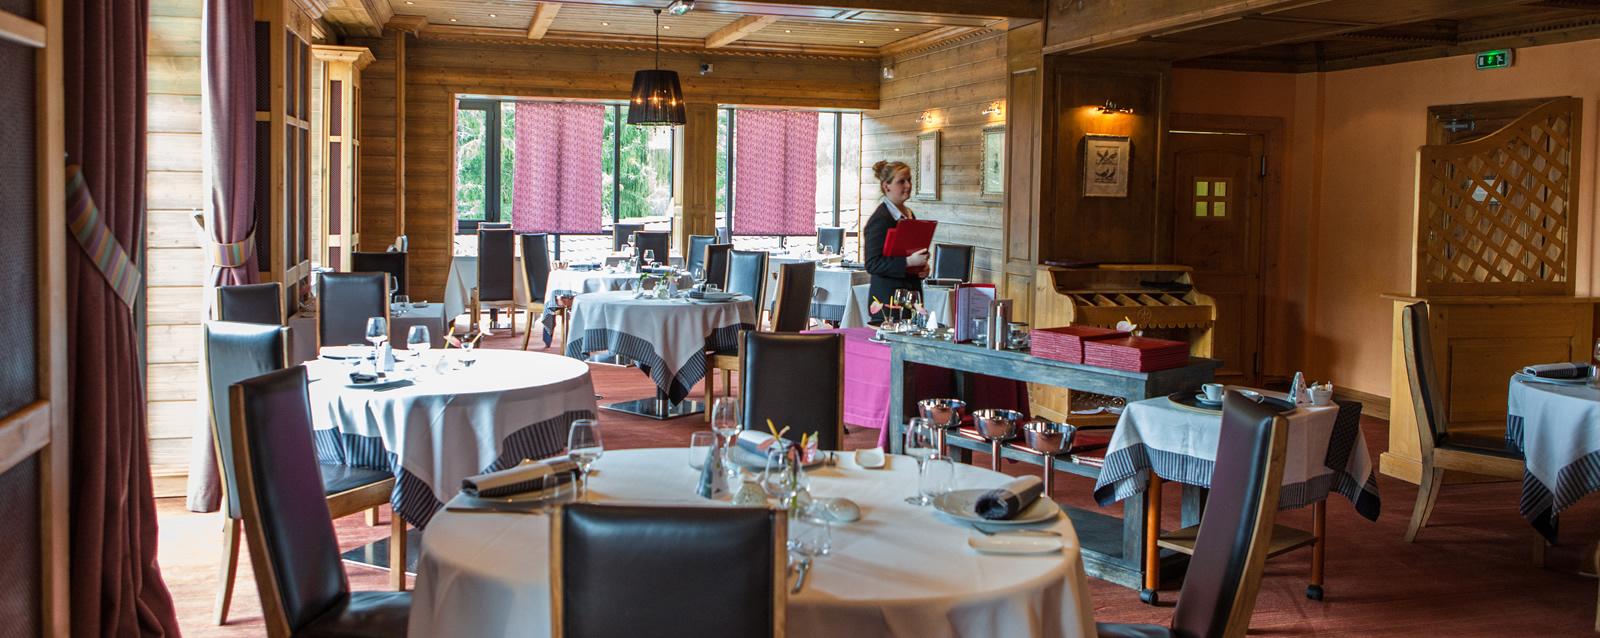 Les Jardins De Sophie - Hotel Spa Vosges - Official Site pour Salon De Jardin Sophie